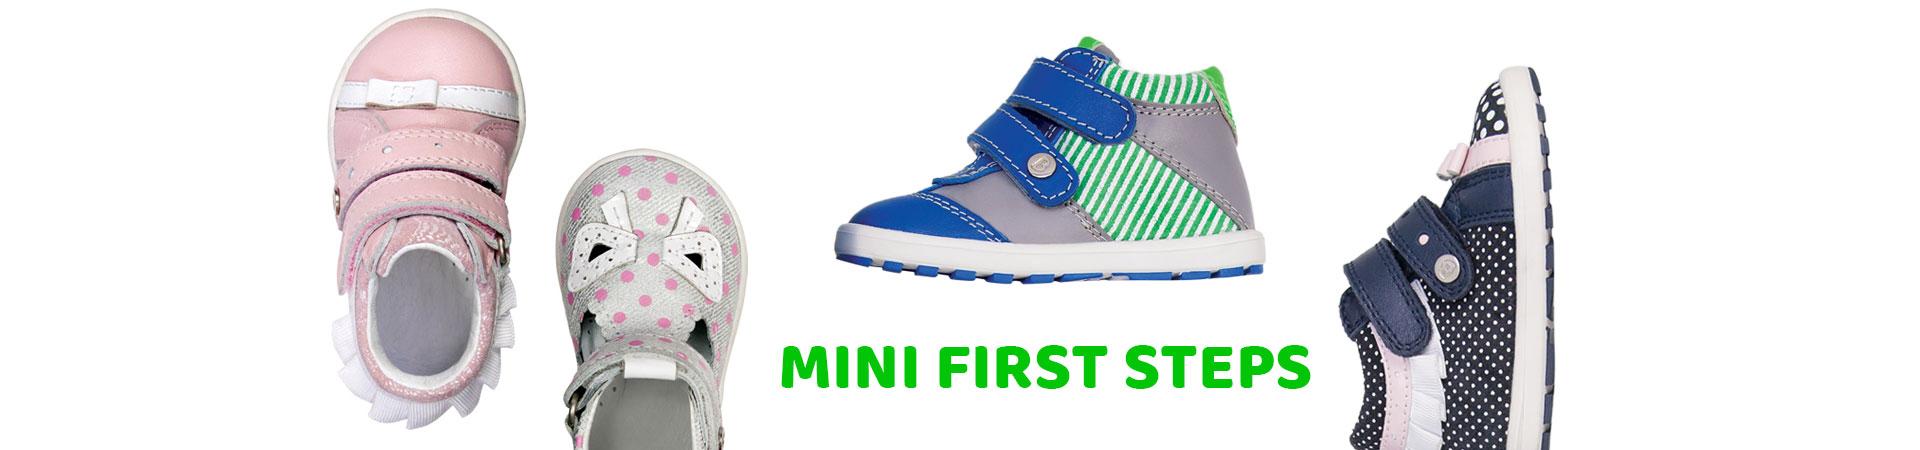 17 Mini First